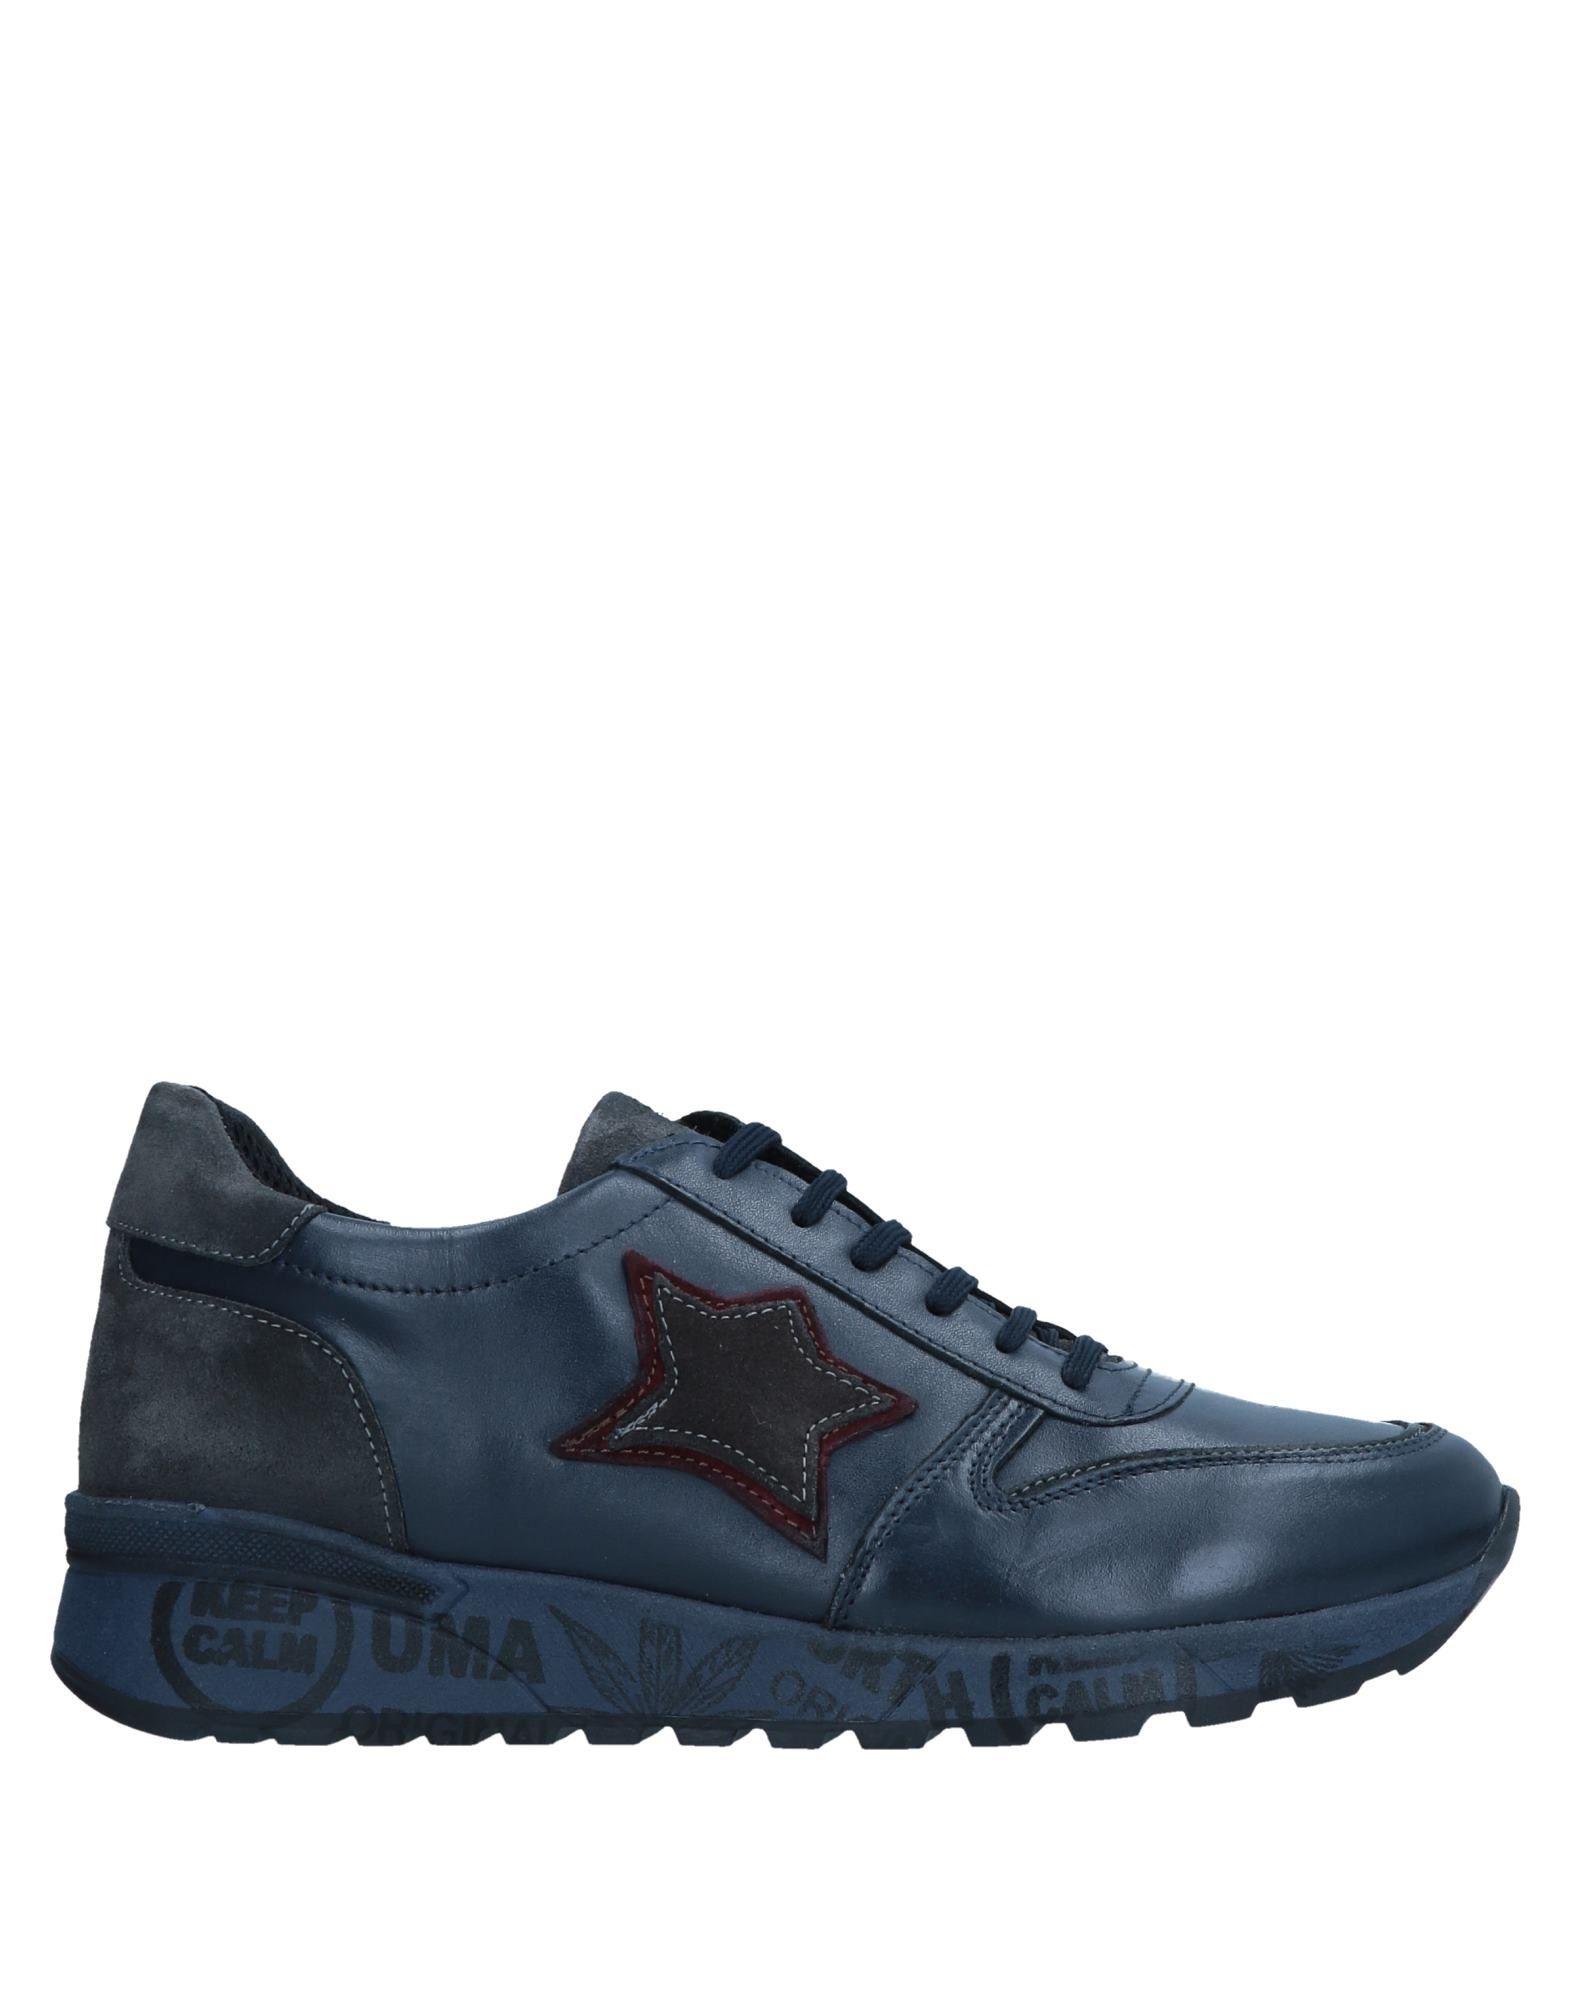 Rabatt echte Schuhe Roberto Della Croce Sneakers Herren  11557374VB